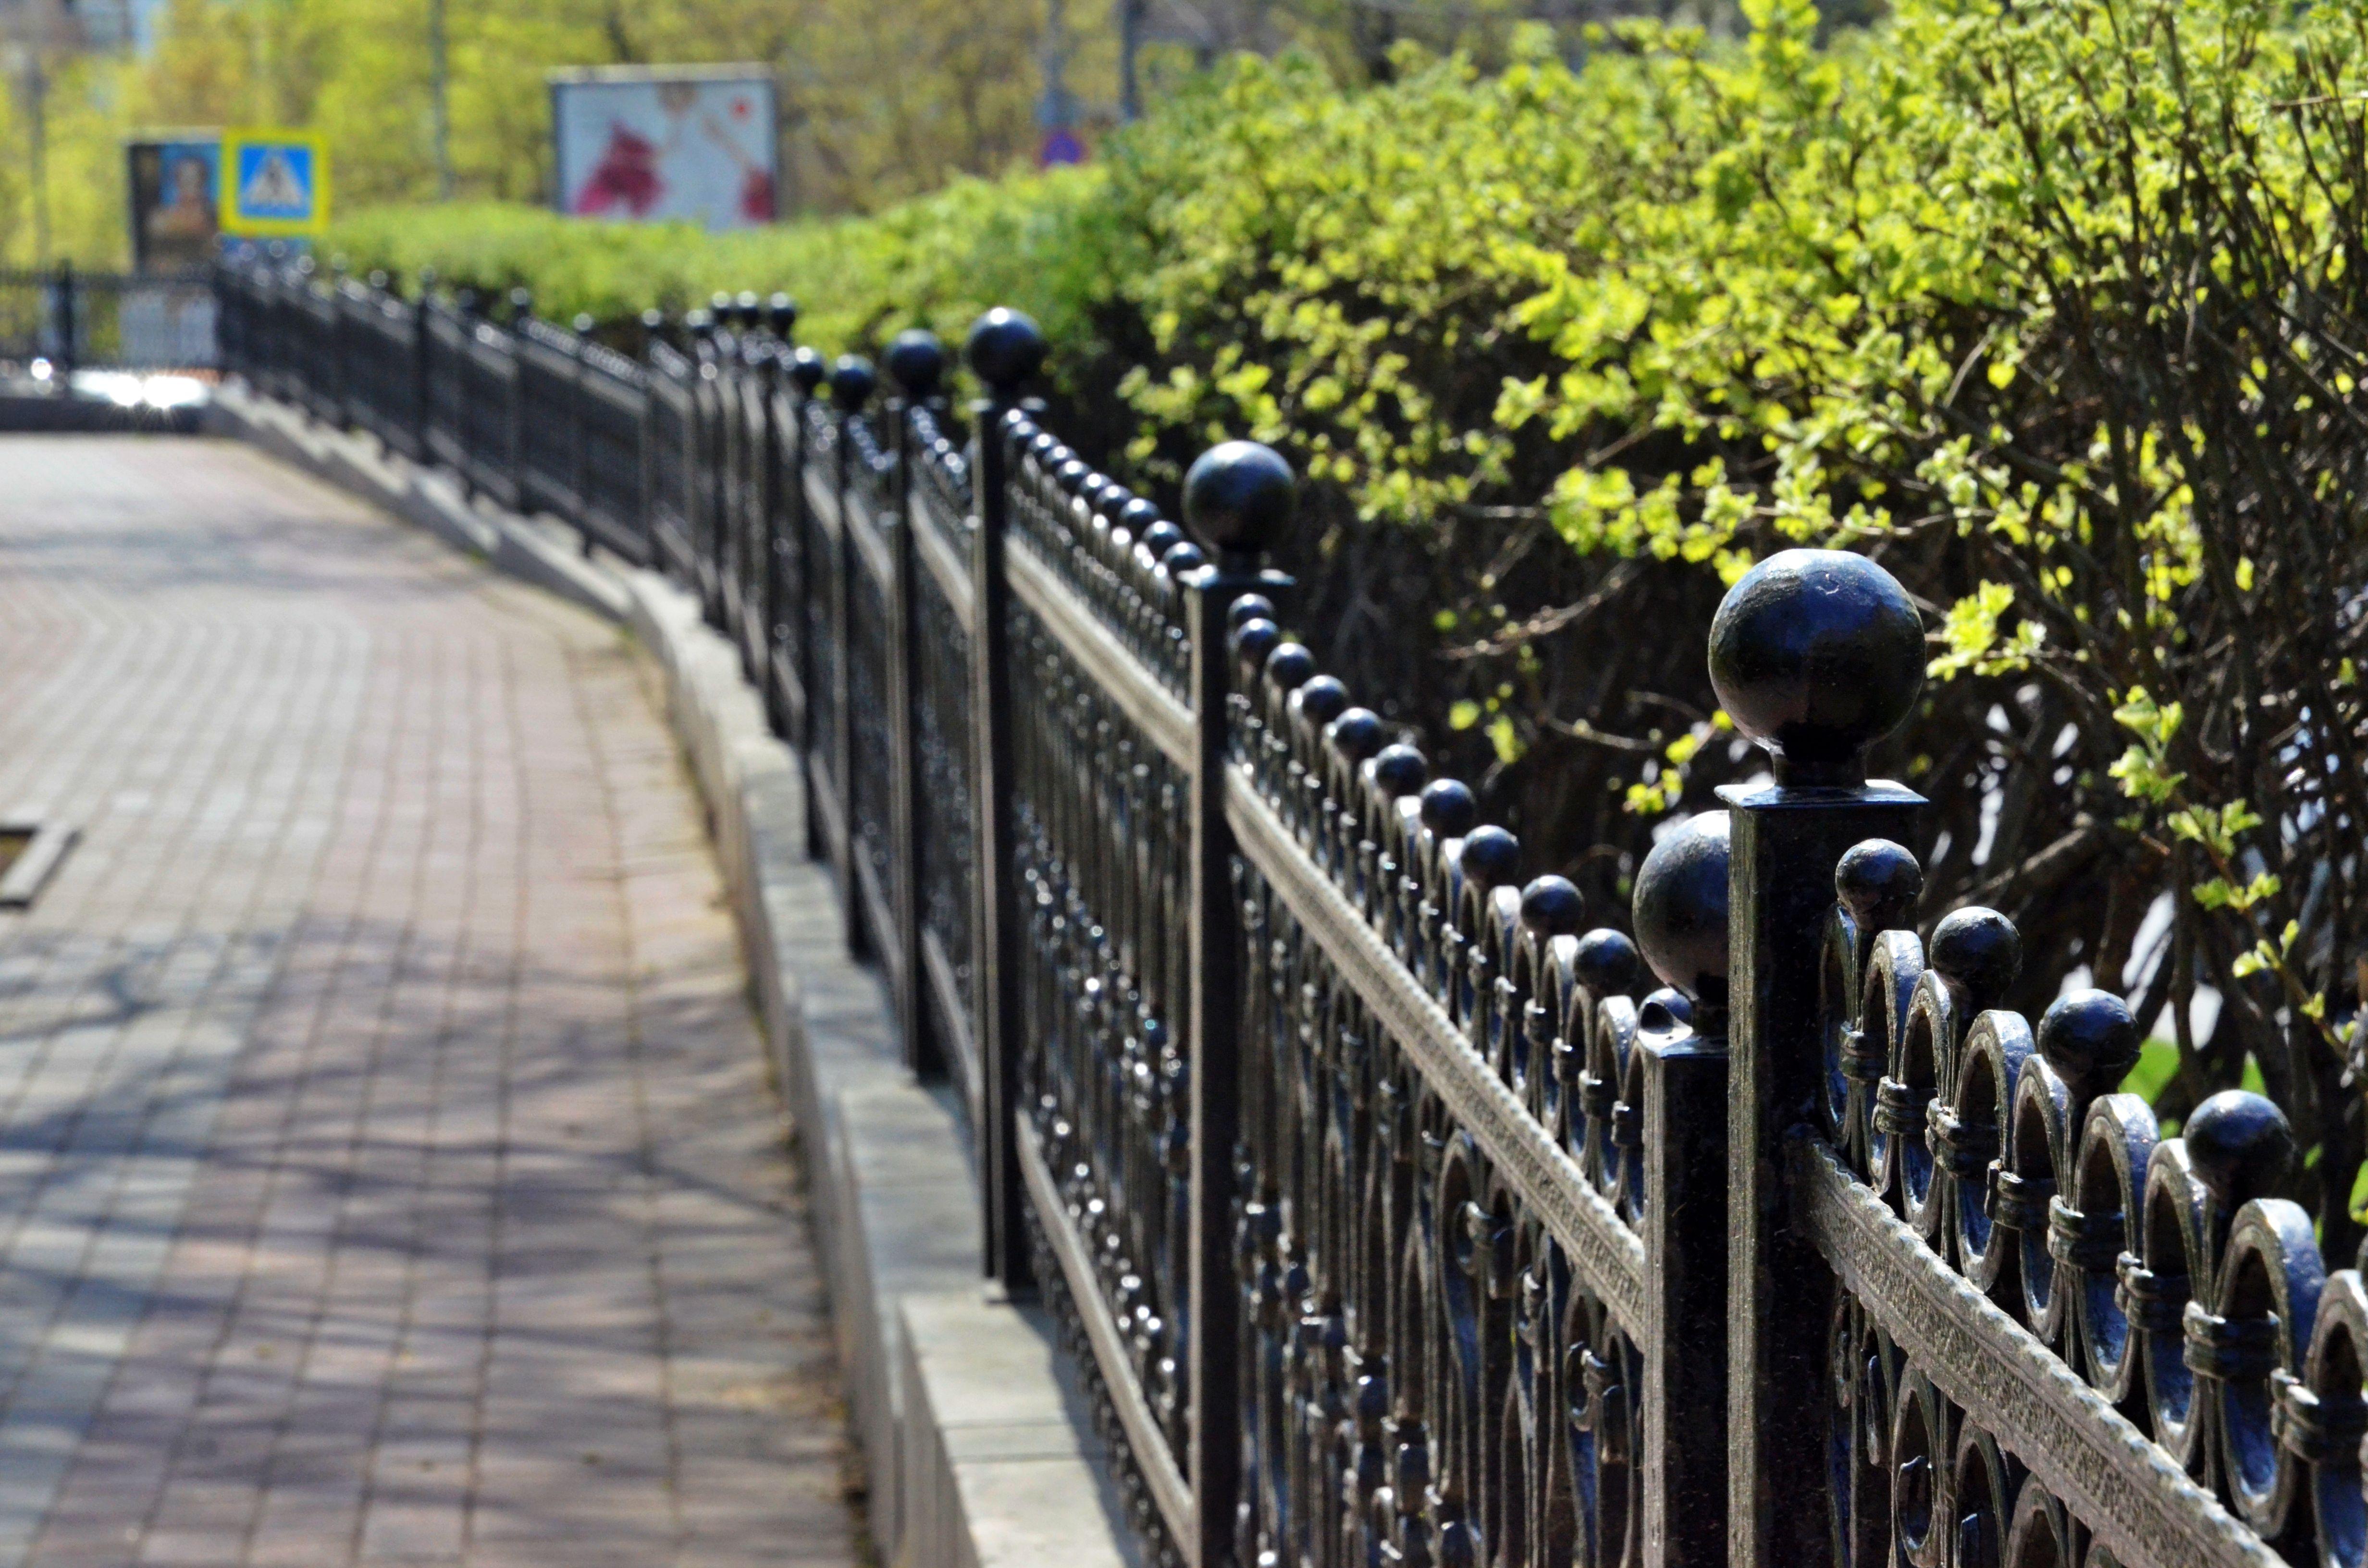 Укладку тротуарной брусчатки завершили в Щаповском. Фото: Анна Быкова